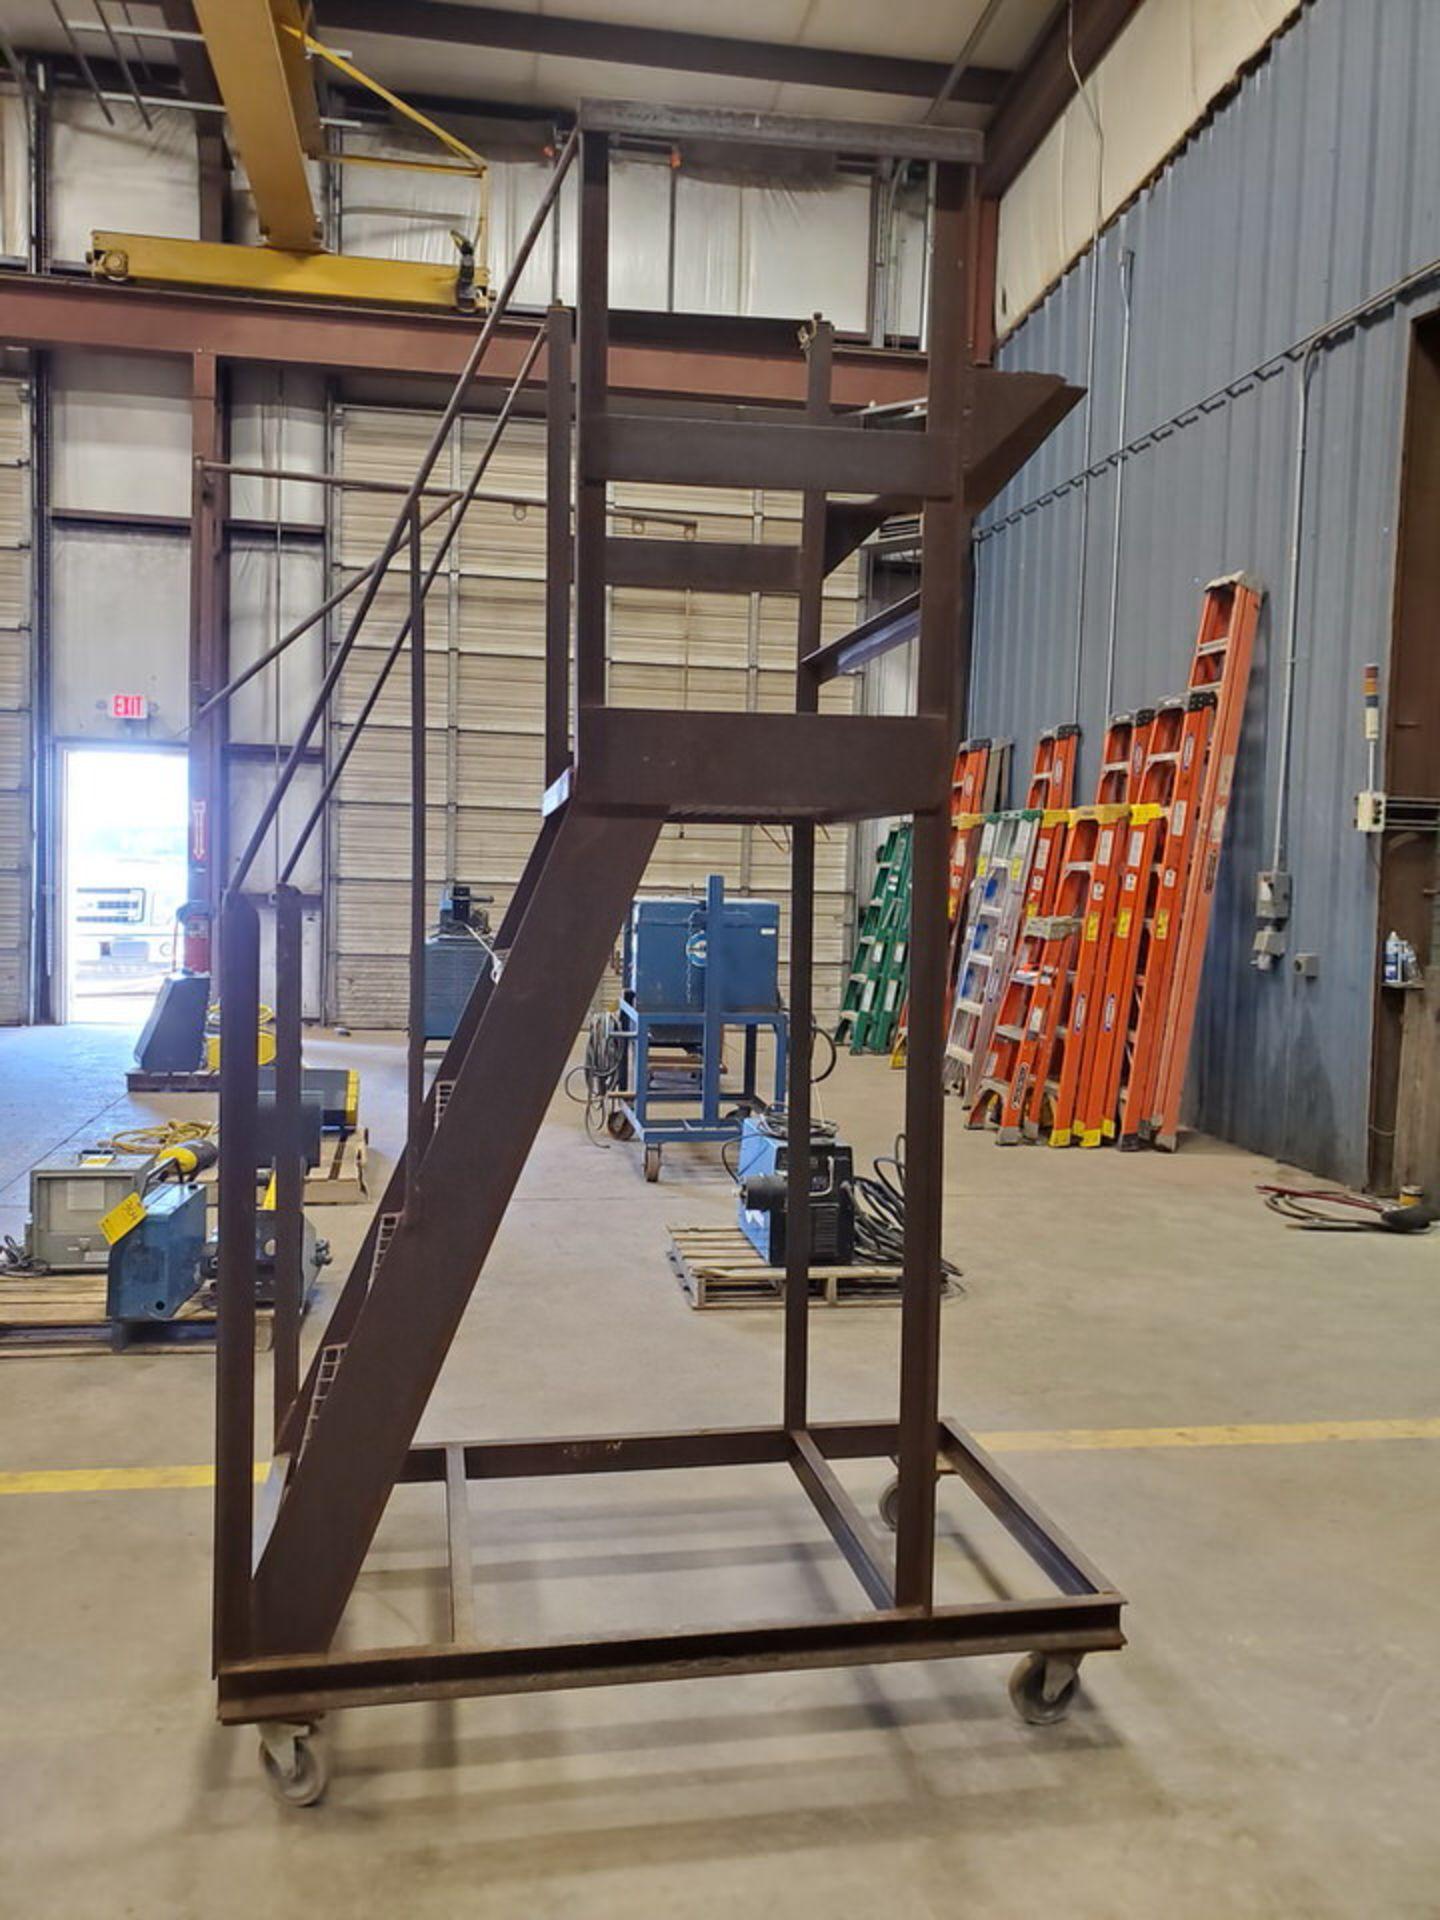 """Stl 4-Step Roling Platform Ladder 5'3"""" x 3' x 8'9""""H; No Cap. - Image 4 of 6"""